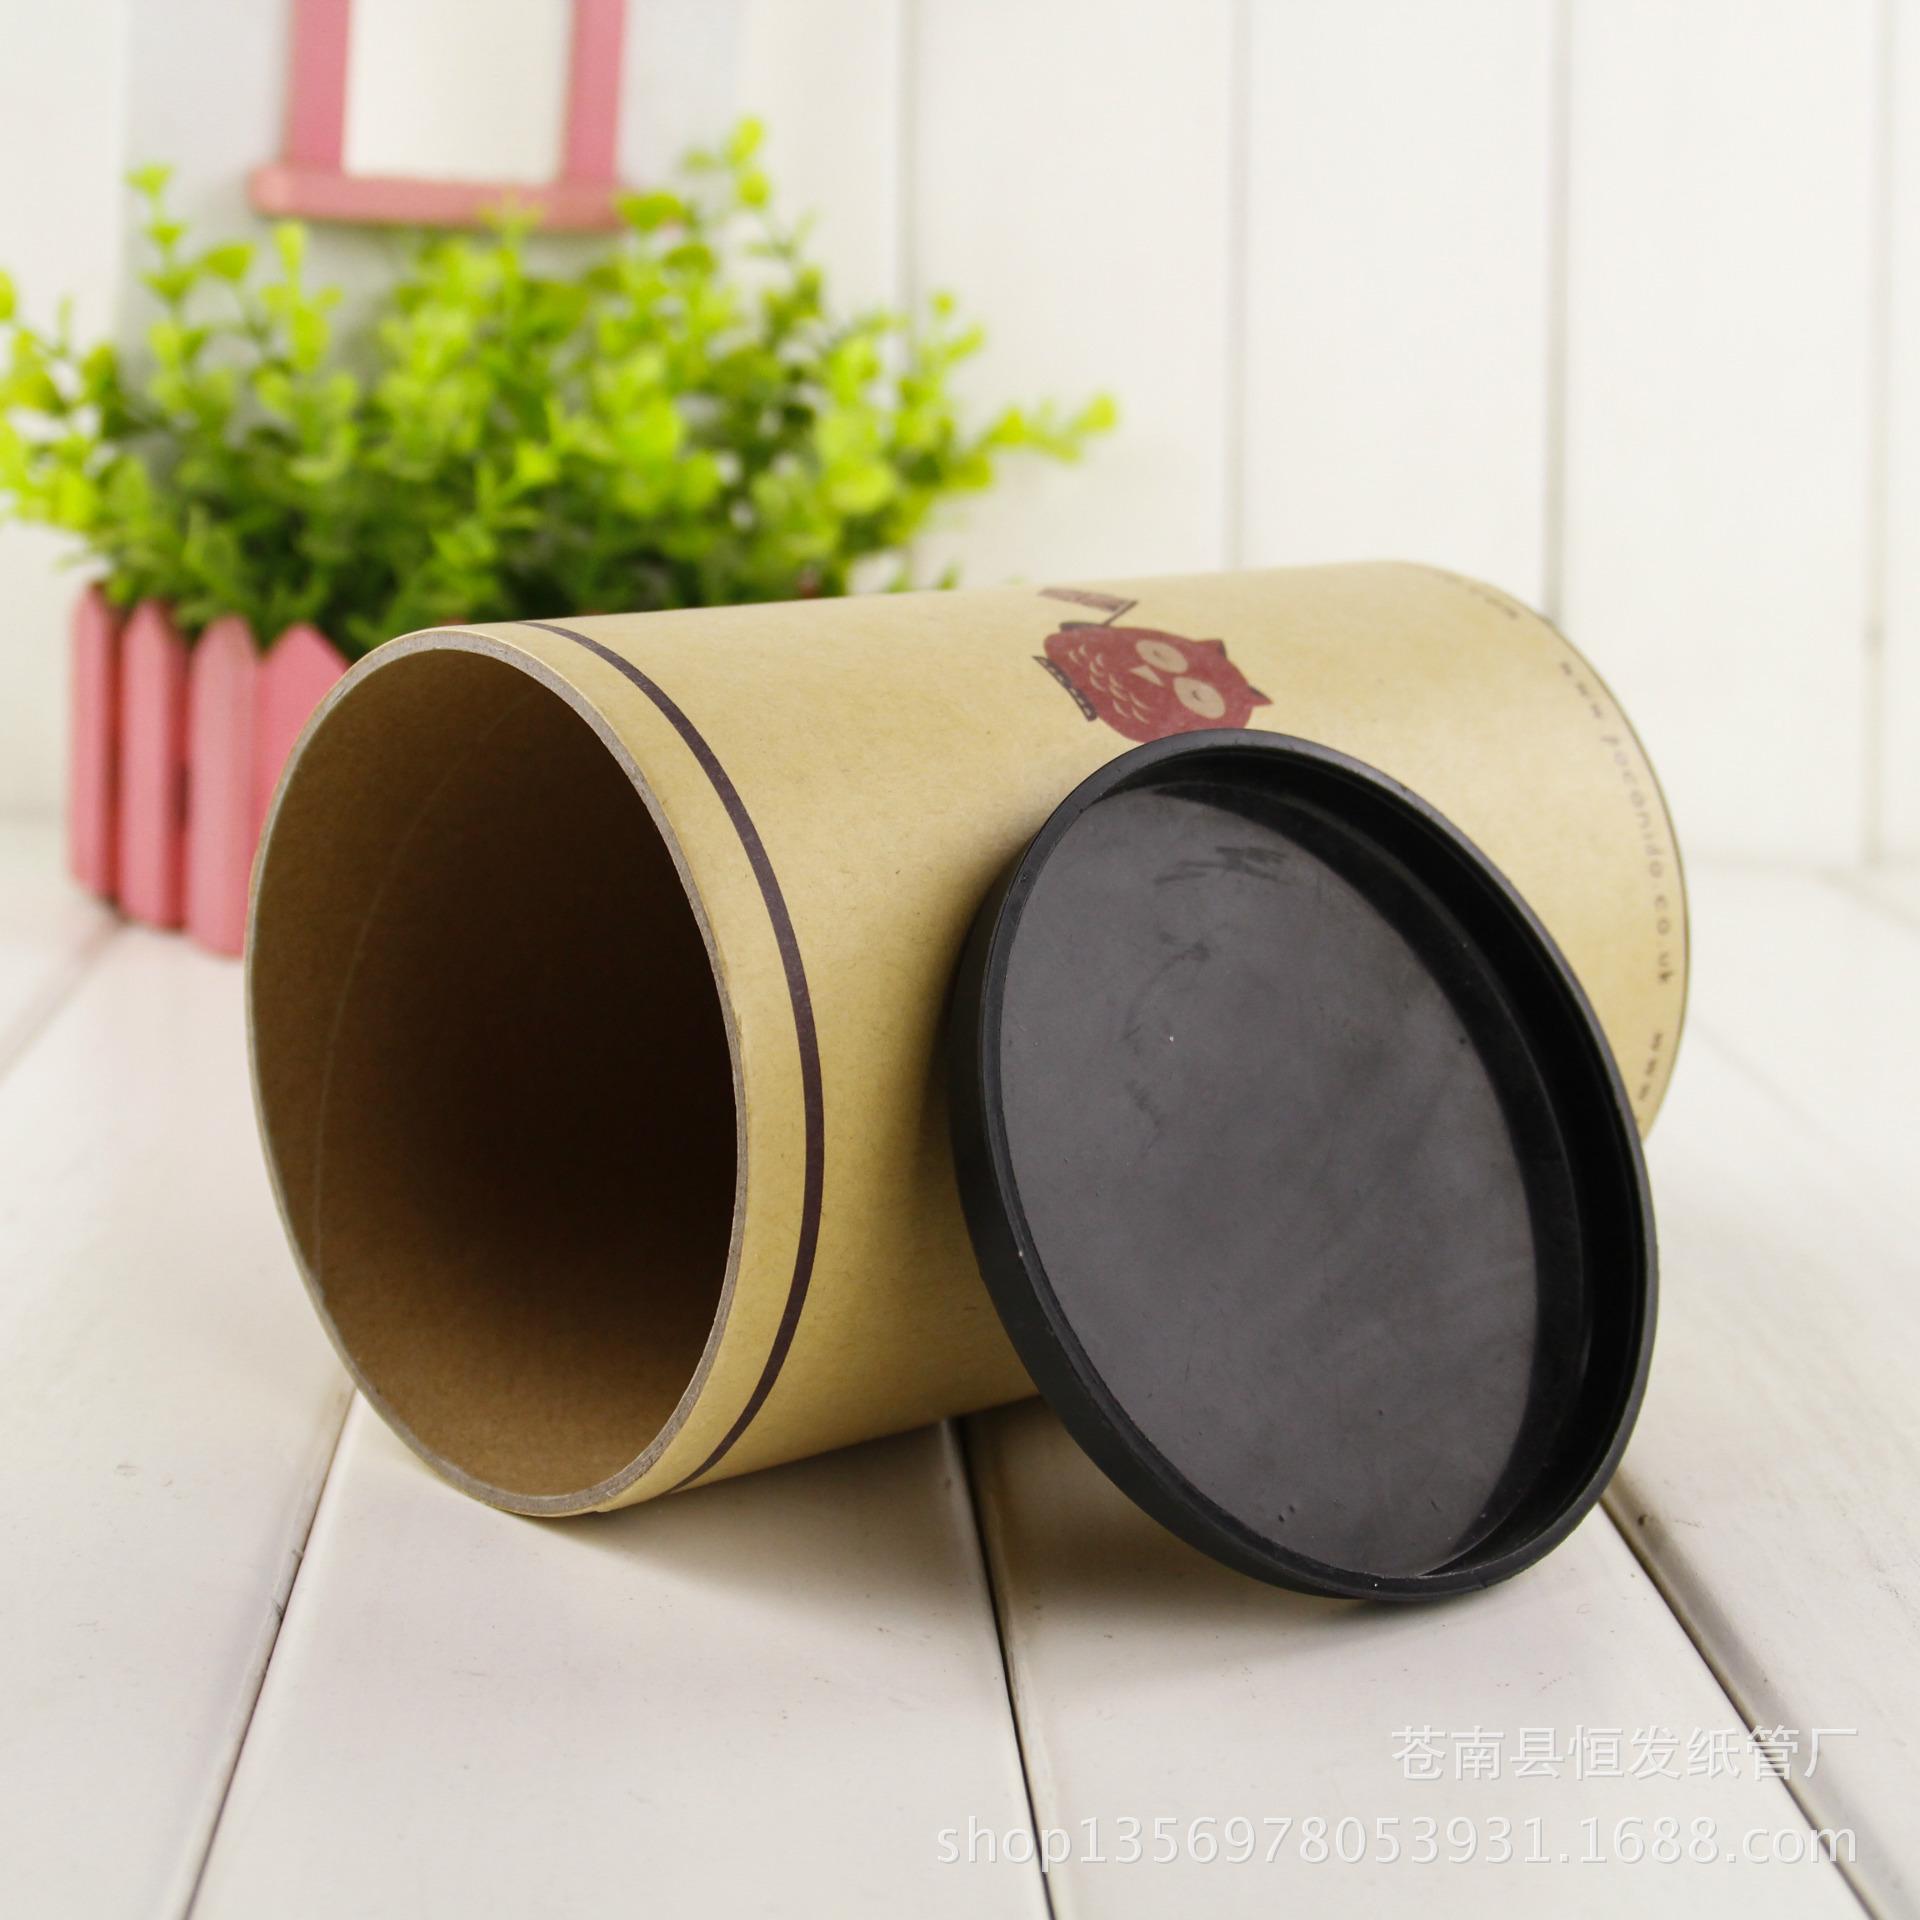 厂家生产订做茶具 茶叶纸罐批发 印刷覆膜烫金工艺 马口铁盖子